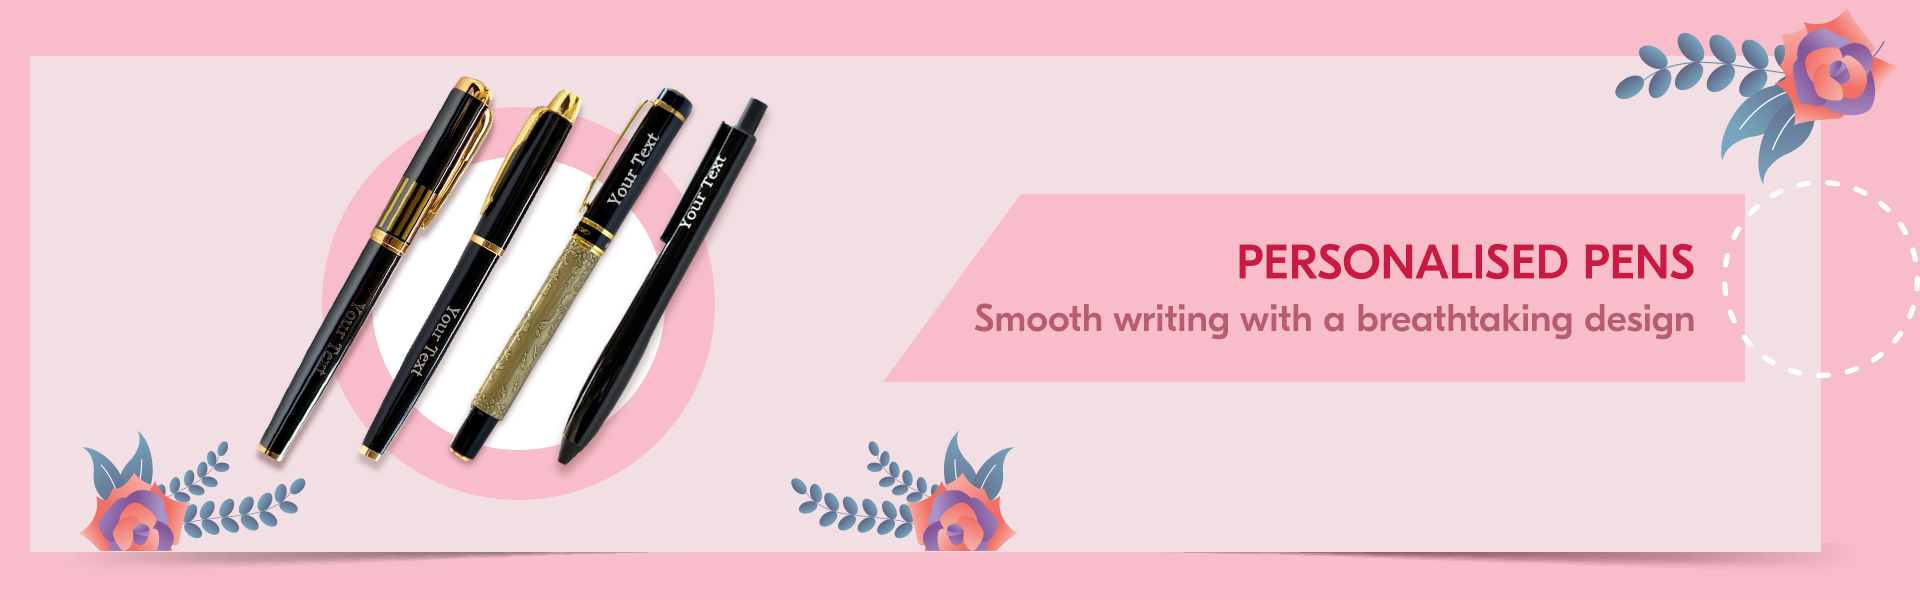 Personalised Pens